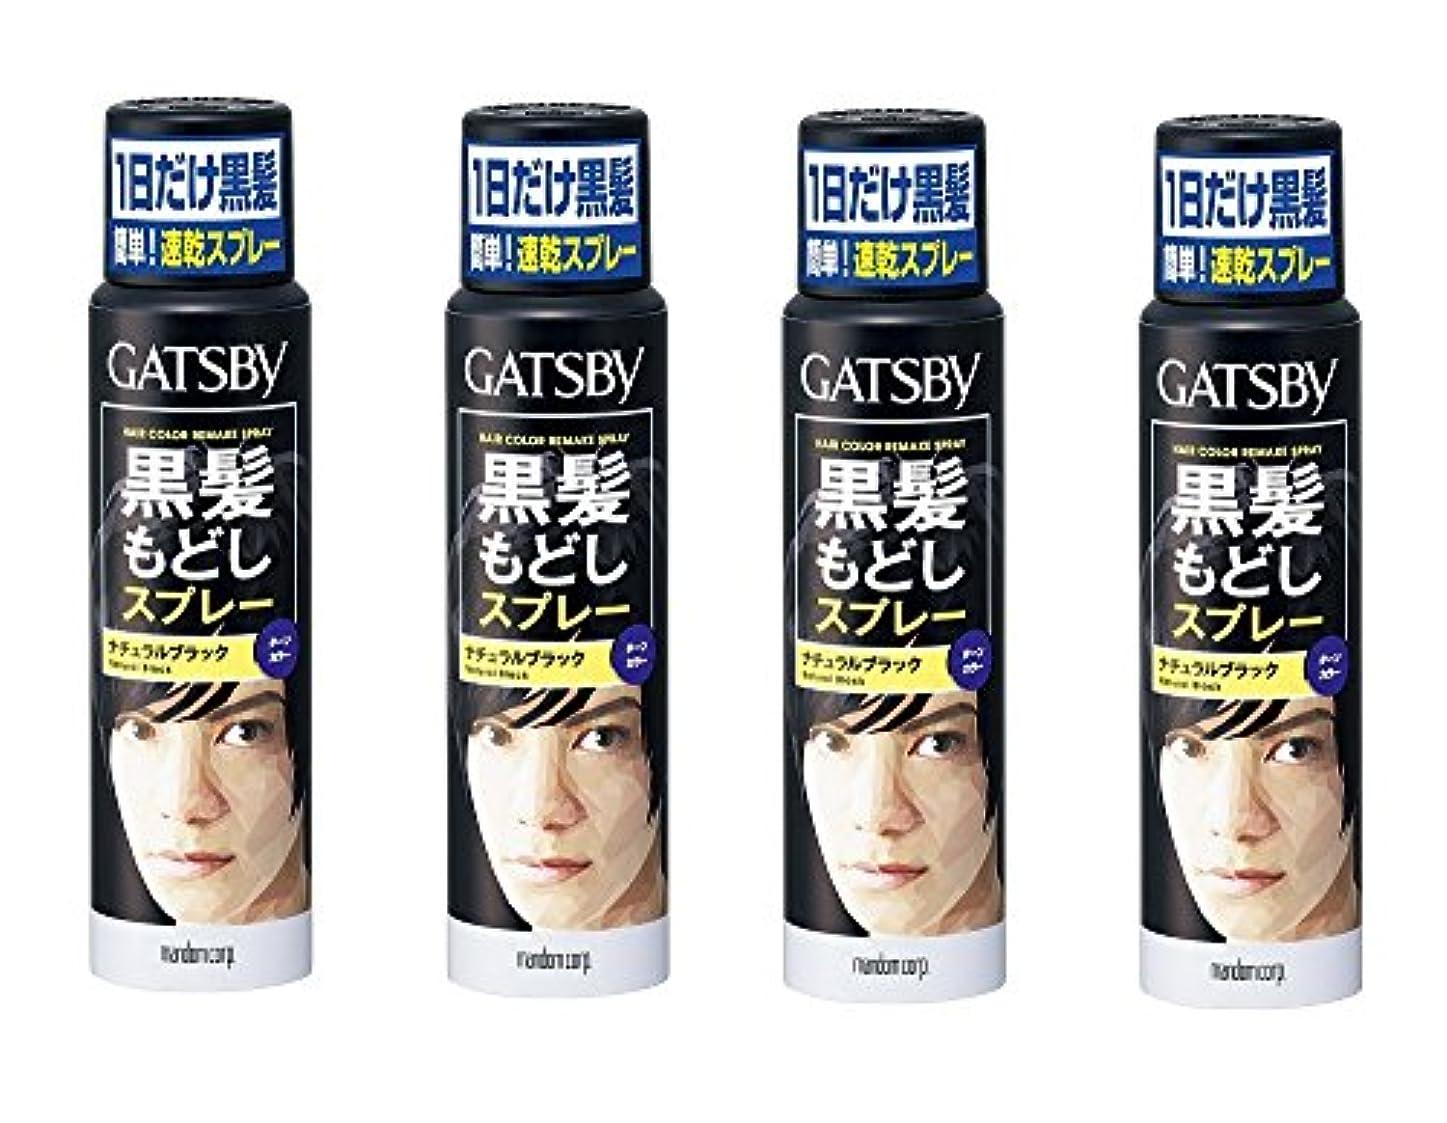 地味な額習熟度【まとめ買い】GATSBY (ギャツビー) ターンカラースプレー ナチュラルブラック 60g×4個